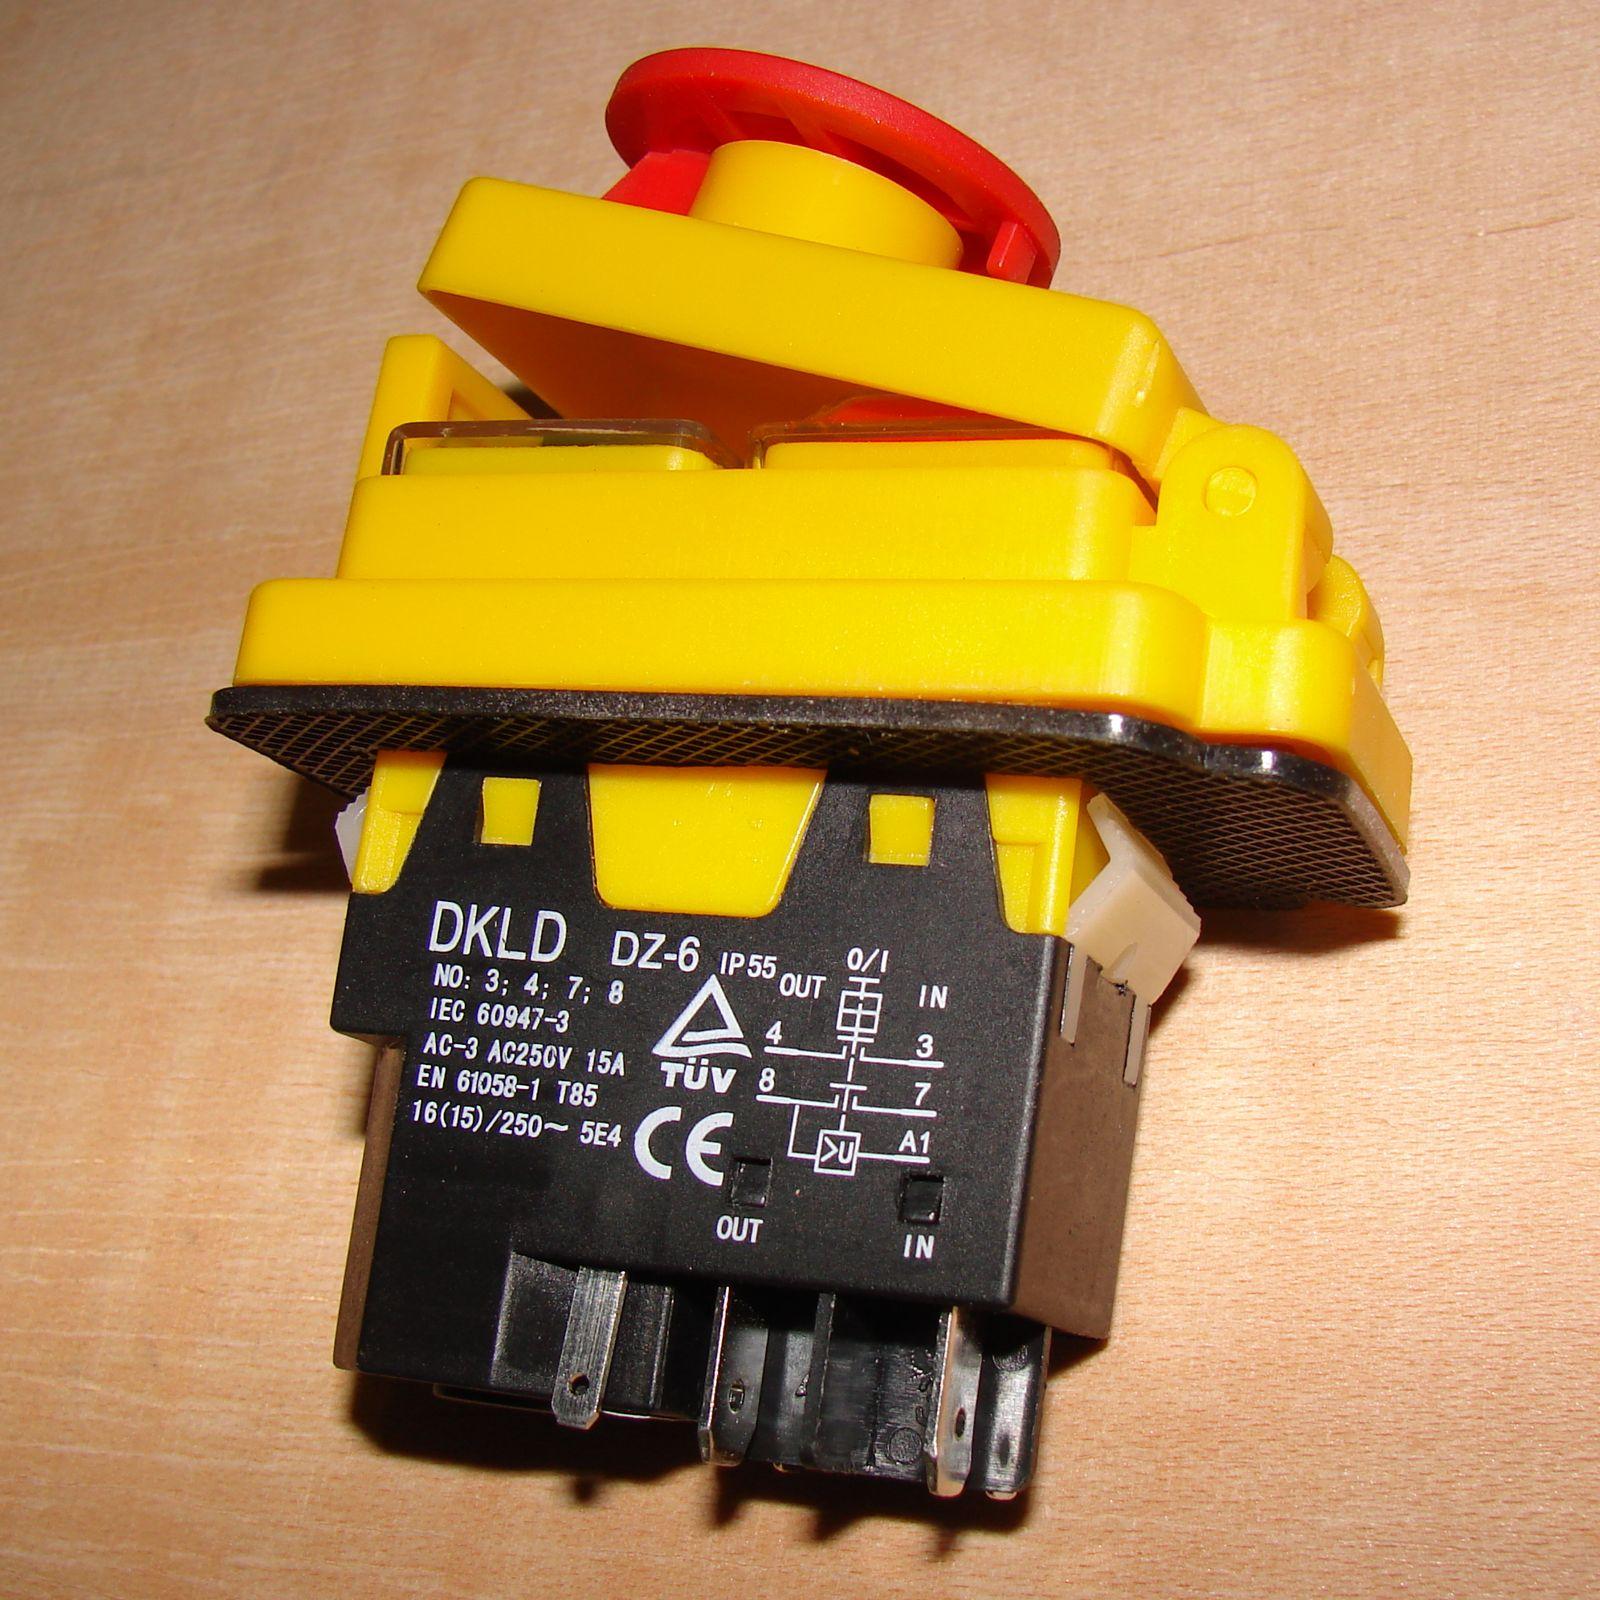 Magnetschalter 230 Volt 15a Kjd17b Dkld Dz 6